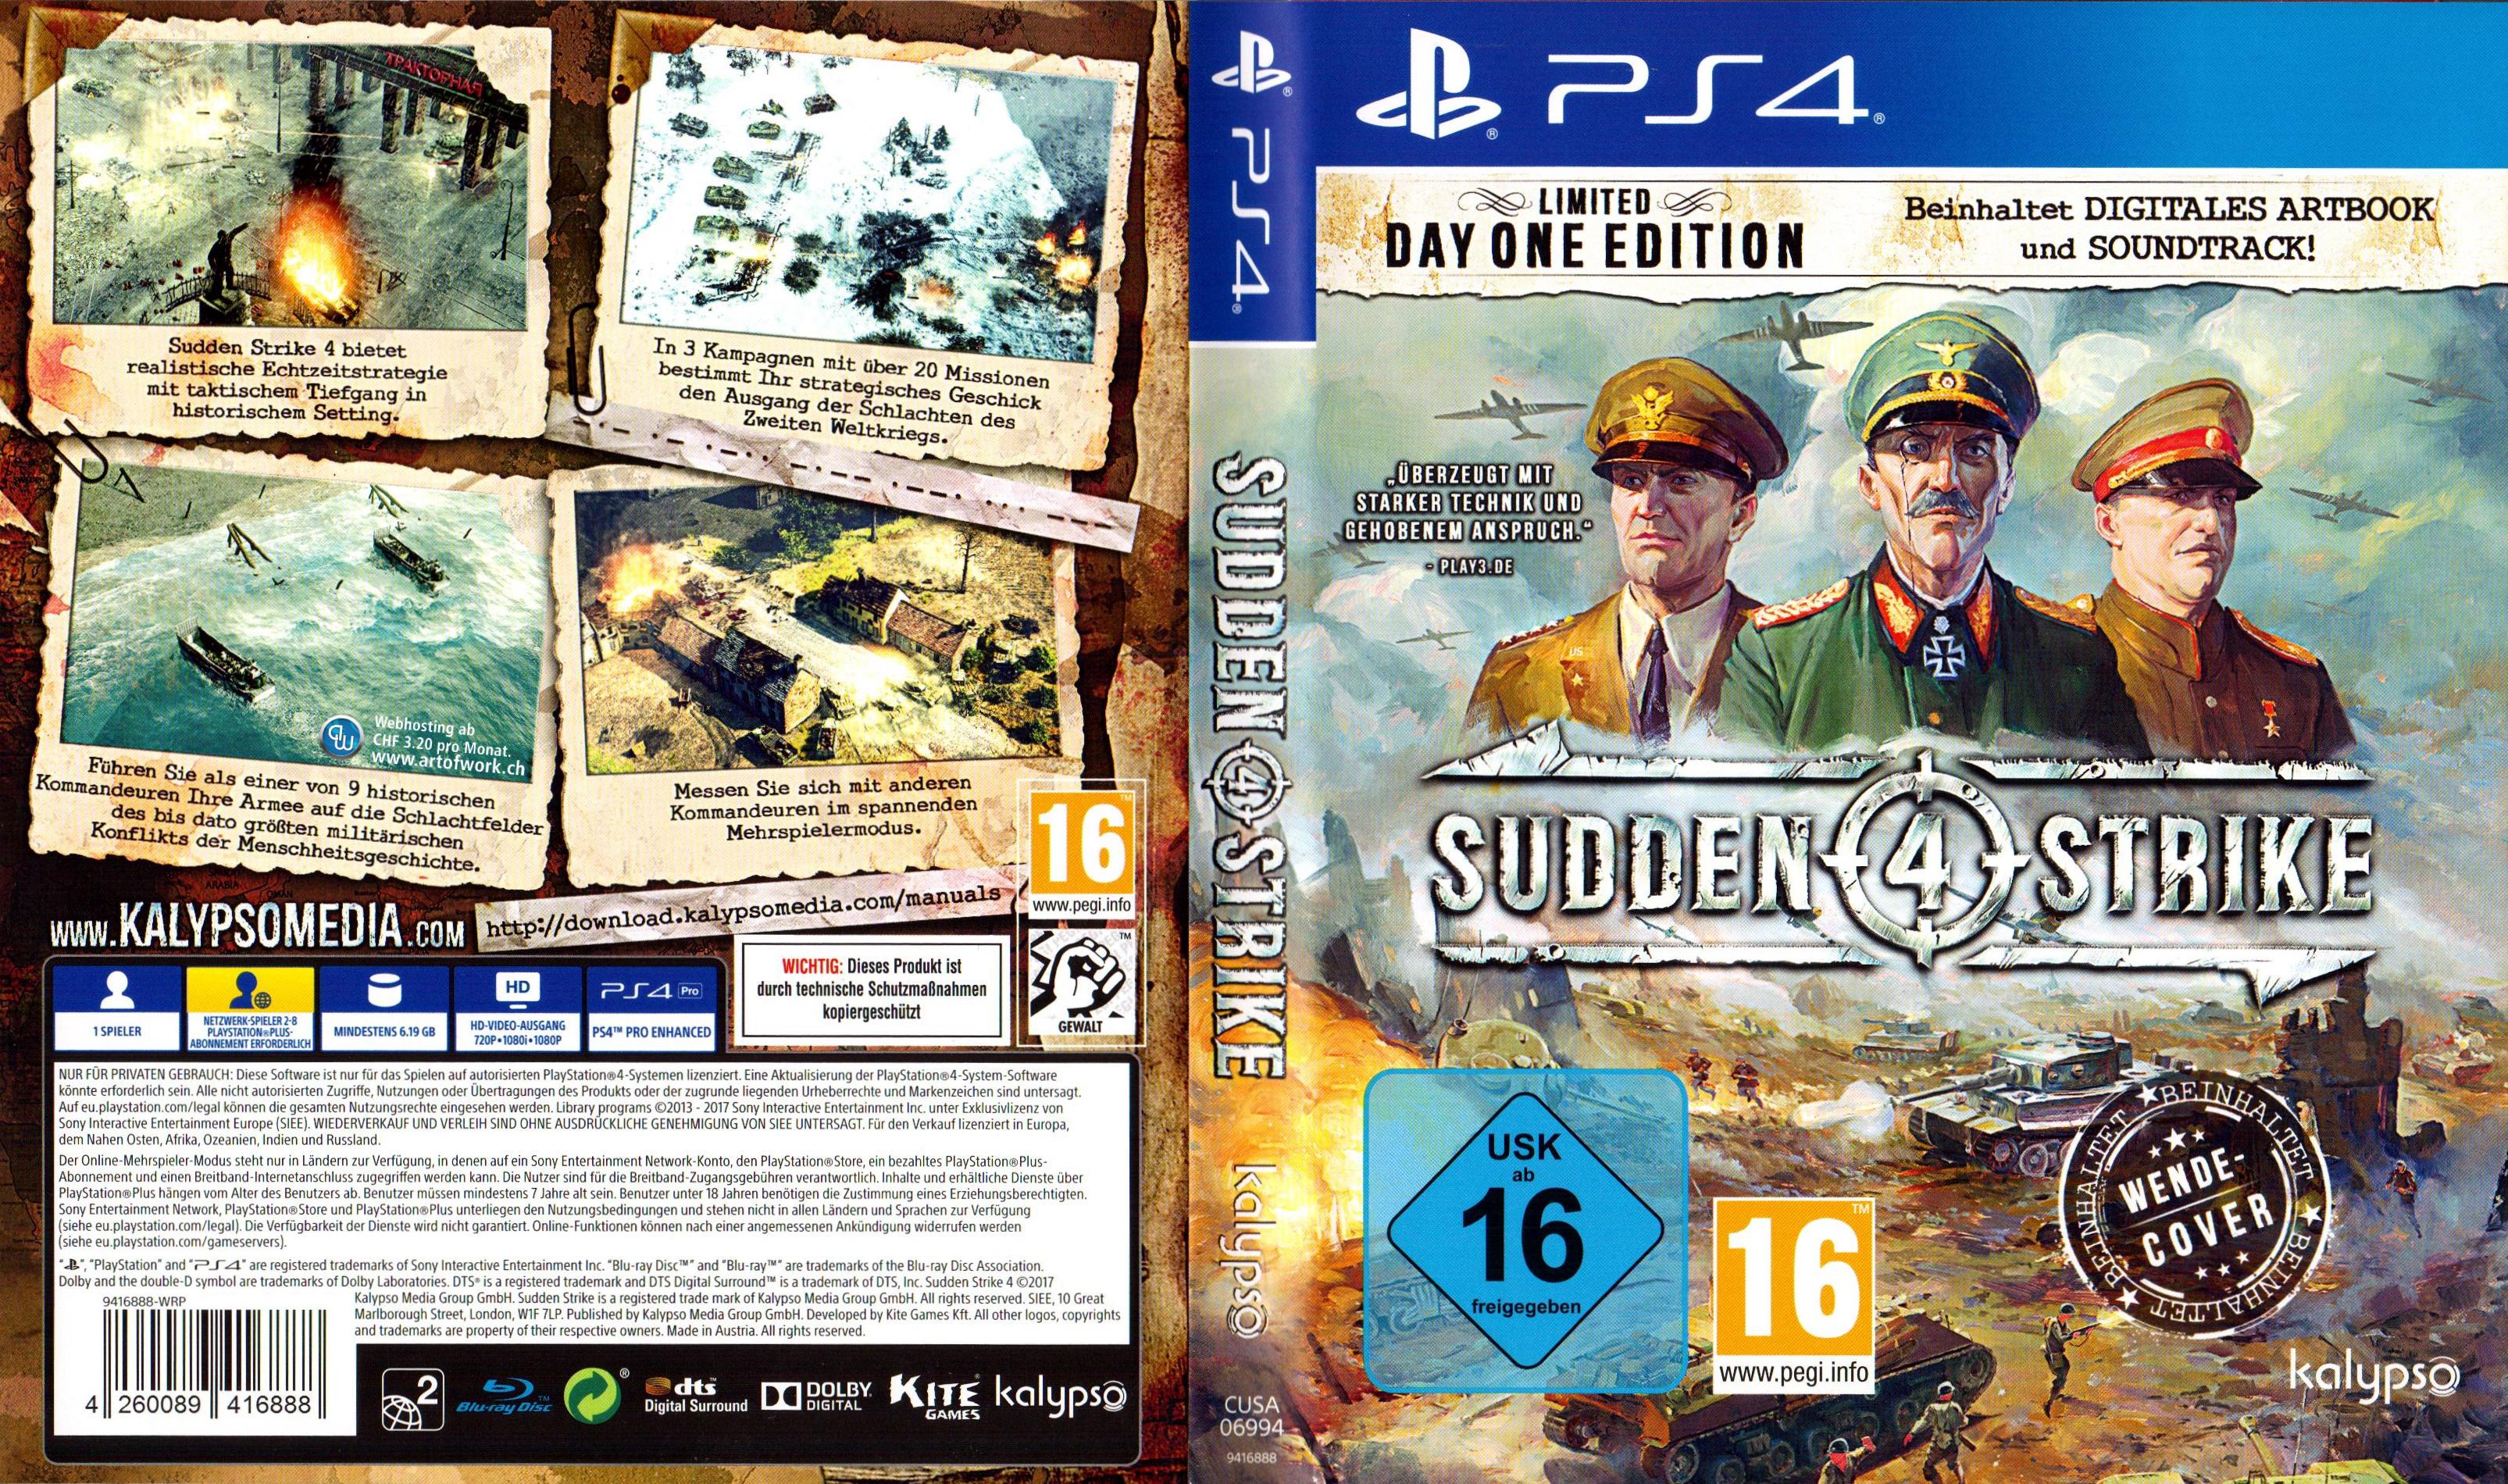 السلام عليكم ورحمة الله وبركاته تحميل لعبه Sudden Strike 4.